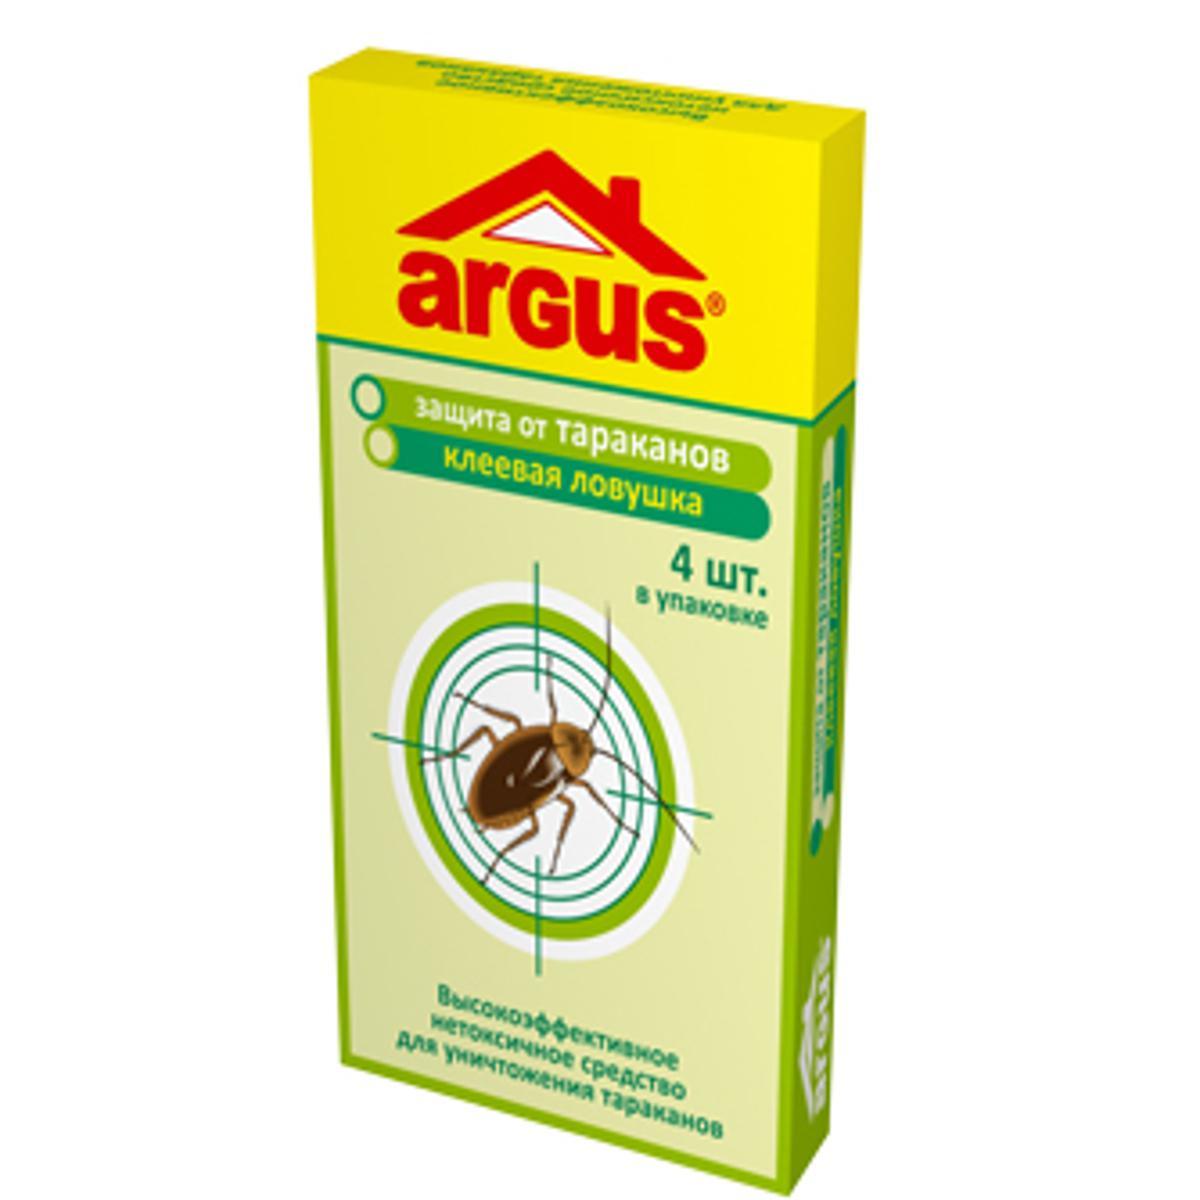 Ловушка для насекомых Argus СЗ.020017 торасемид сз 5мг 30 таблетки